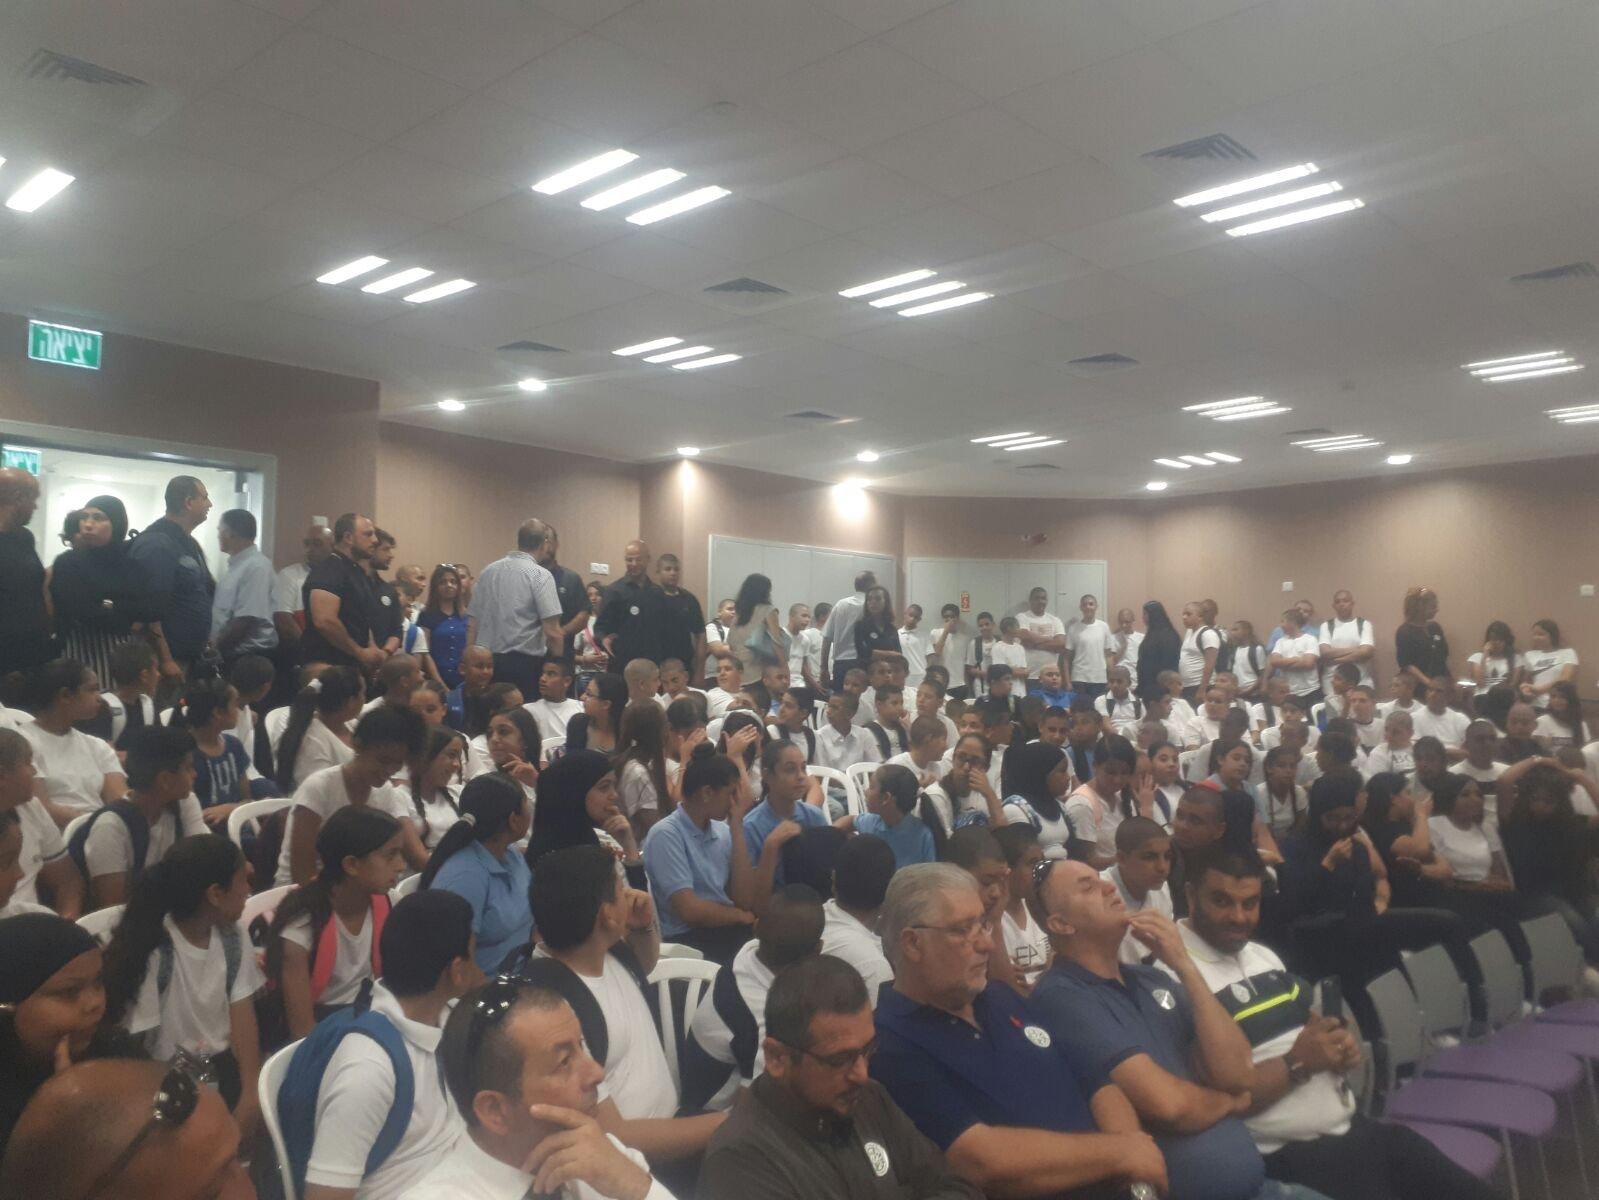 افتتاح مدرسة ثانوية جديدة في يافا تحمل اسم مستقبل يافا الثانوية